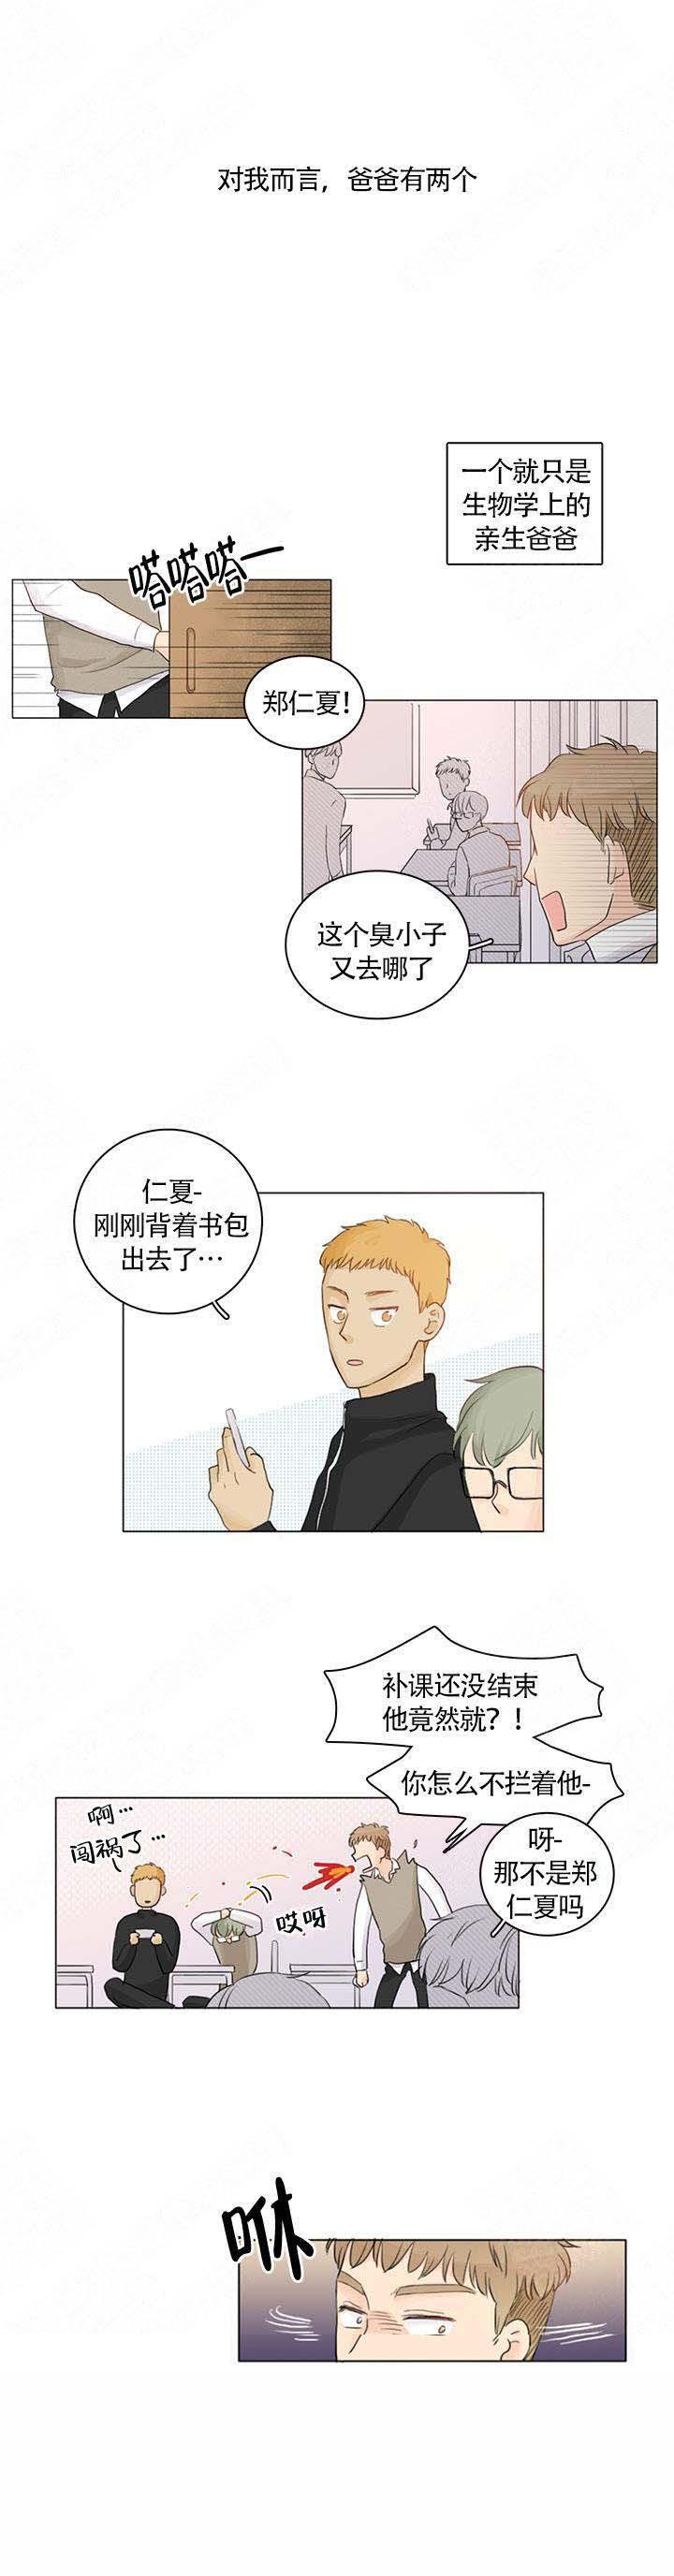 你我之间-漫画完整版汉化_全集在线阅读-啵乐漫画